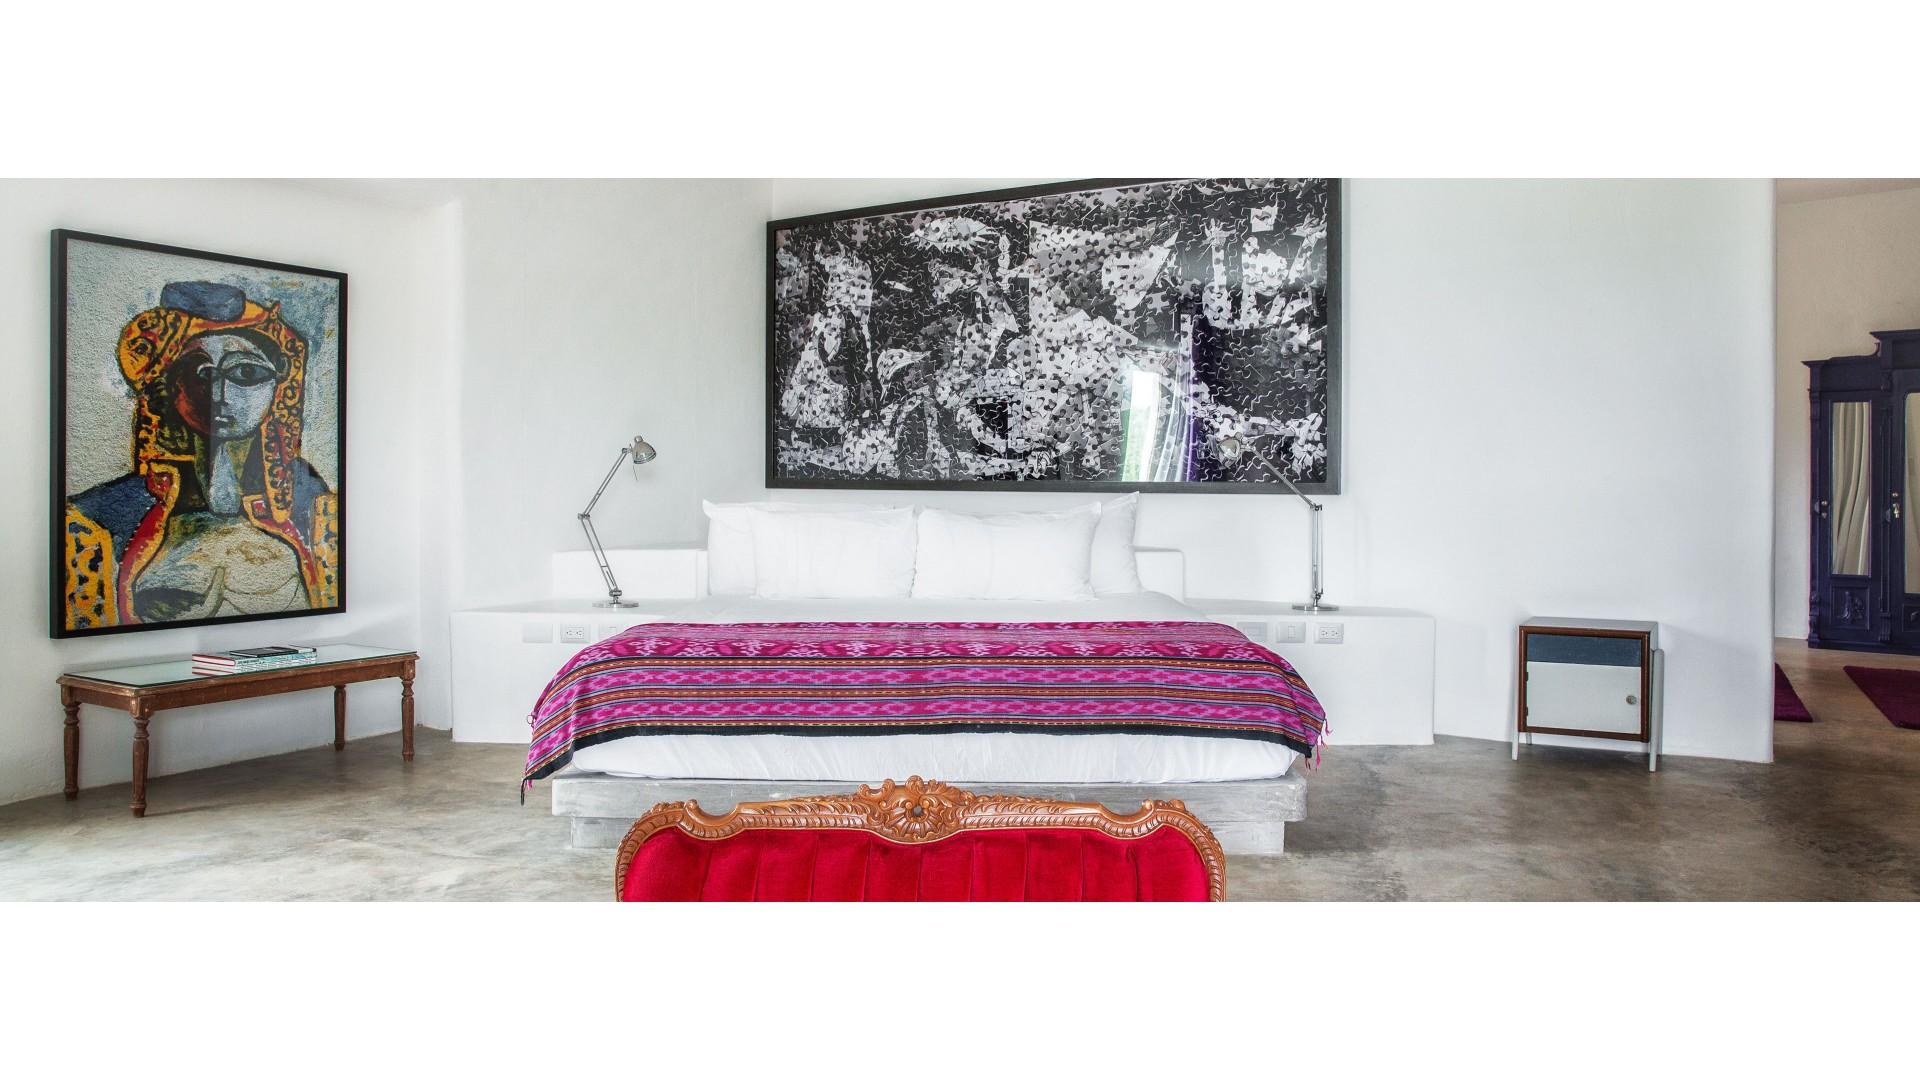 Casa Malca Hotel Tulum Quintana Roo Smith Hotels